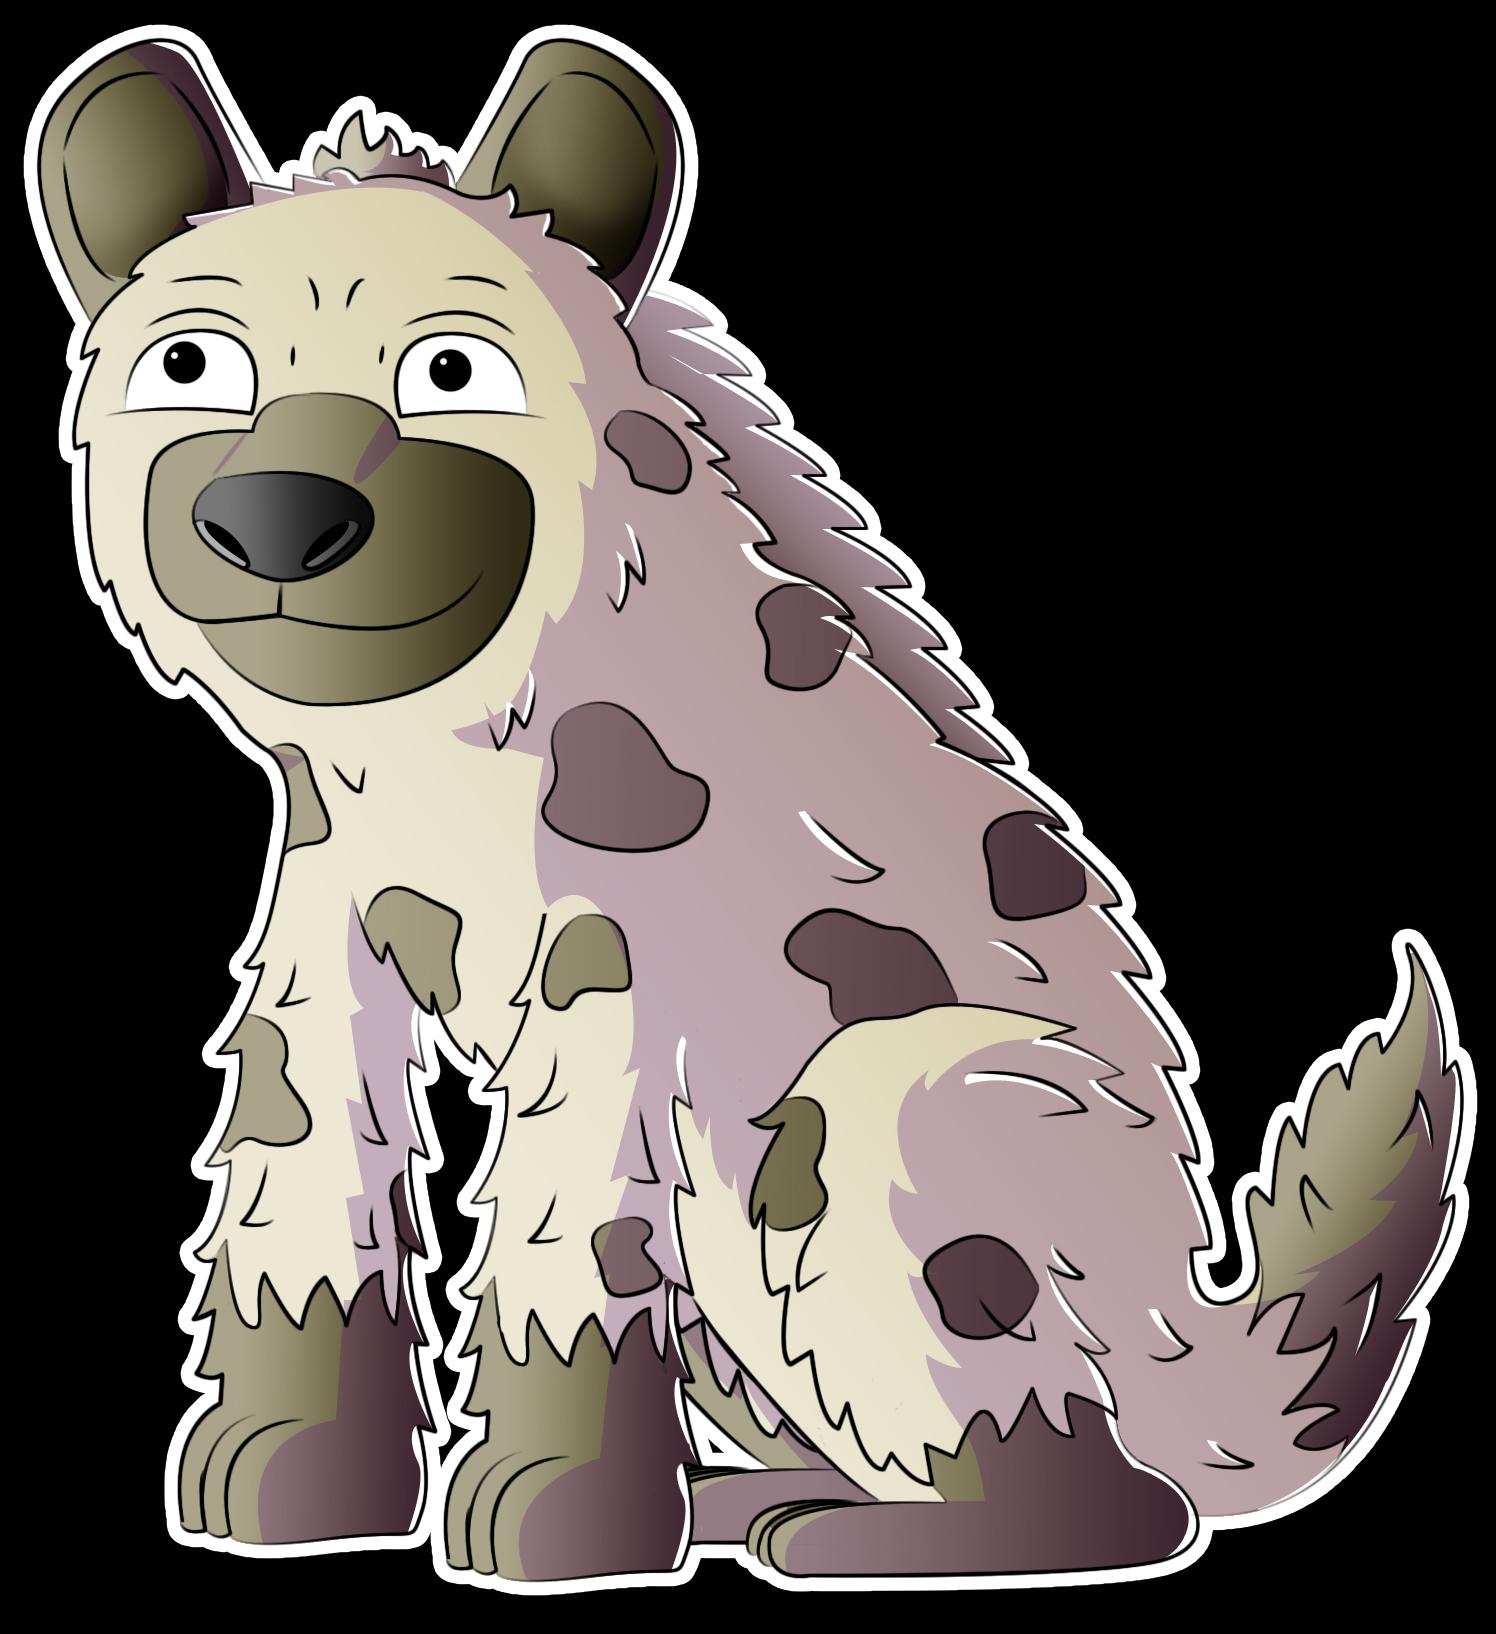 A hyena